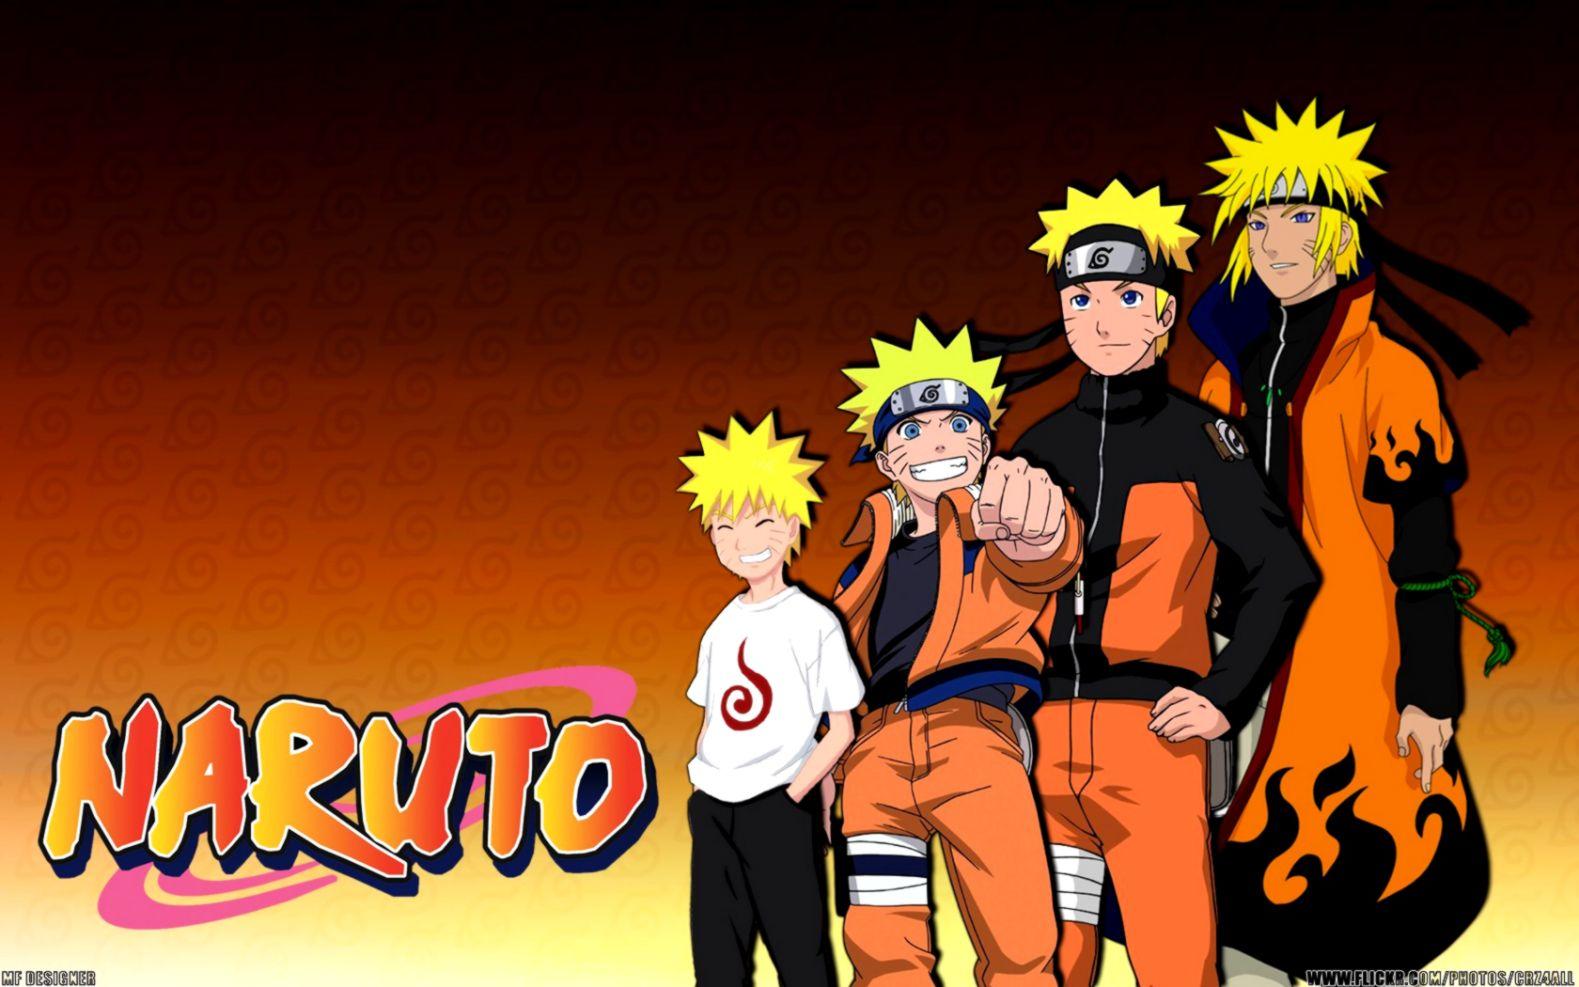 Beautiful Wallpaper Naruto Original - naruto-shippuden-screensavers-naruto-shippuden-wallpapers-garden  Collection_479285.jpg